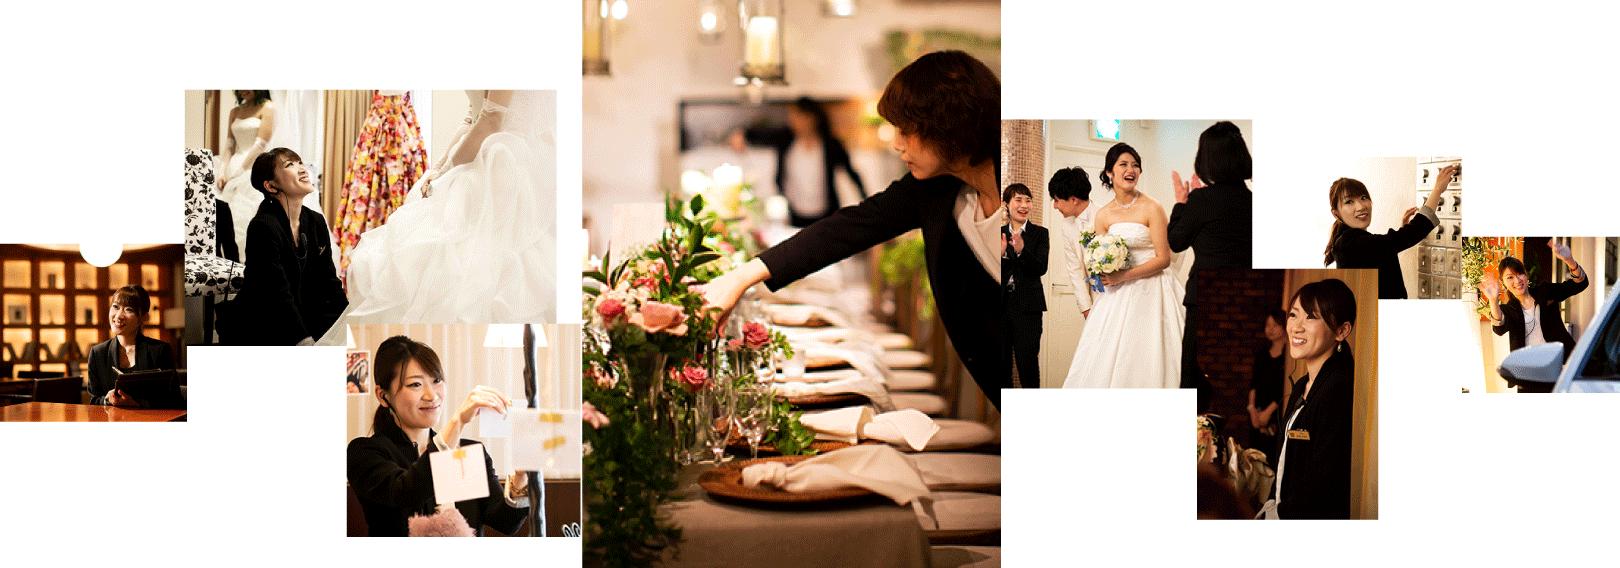 ザ マグリット | 岡山県岡山市の結婚式場・パーティーウェディング・おもてなしウェディング ウェディング・プランナー2